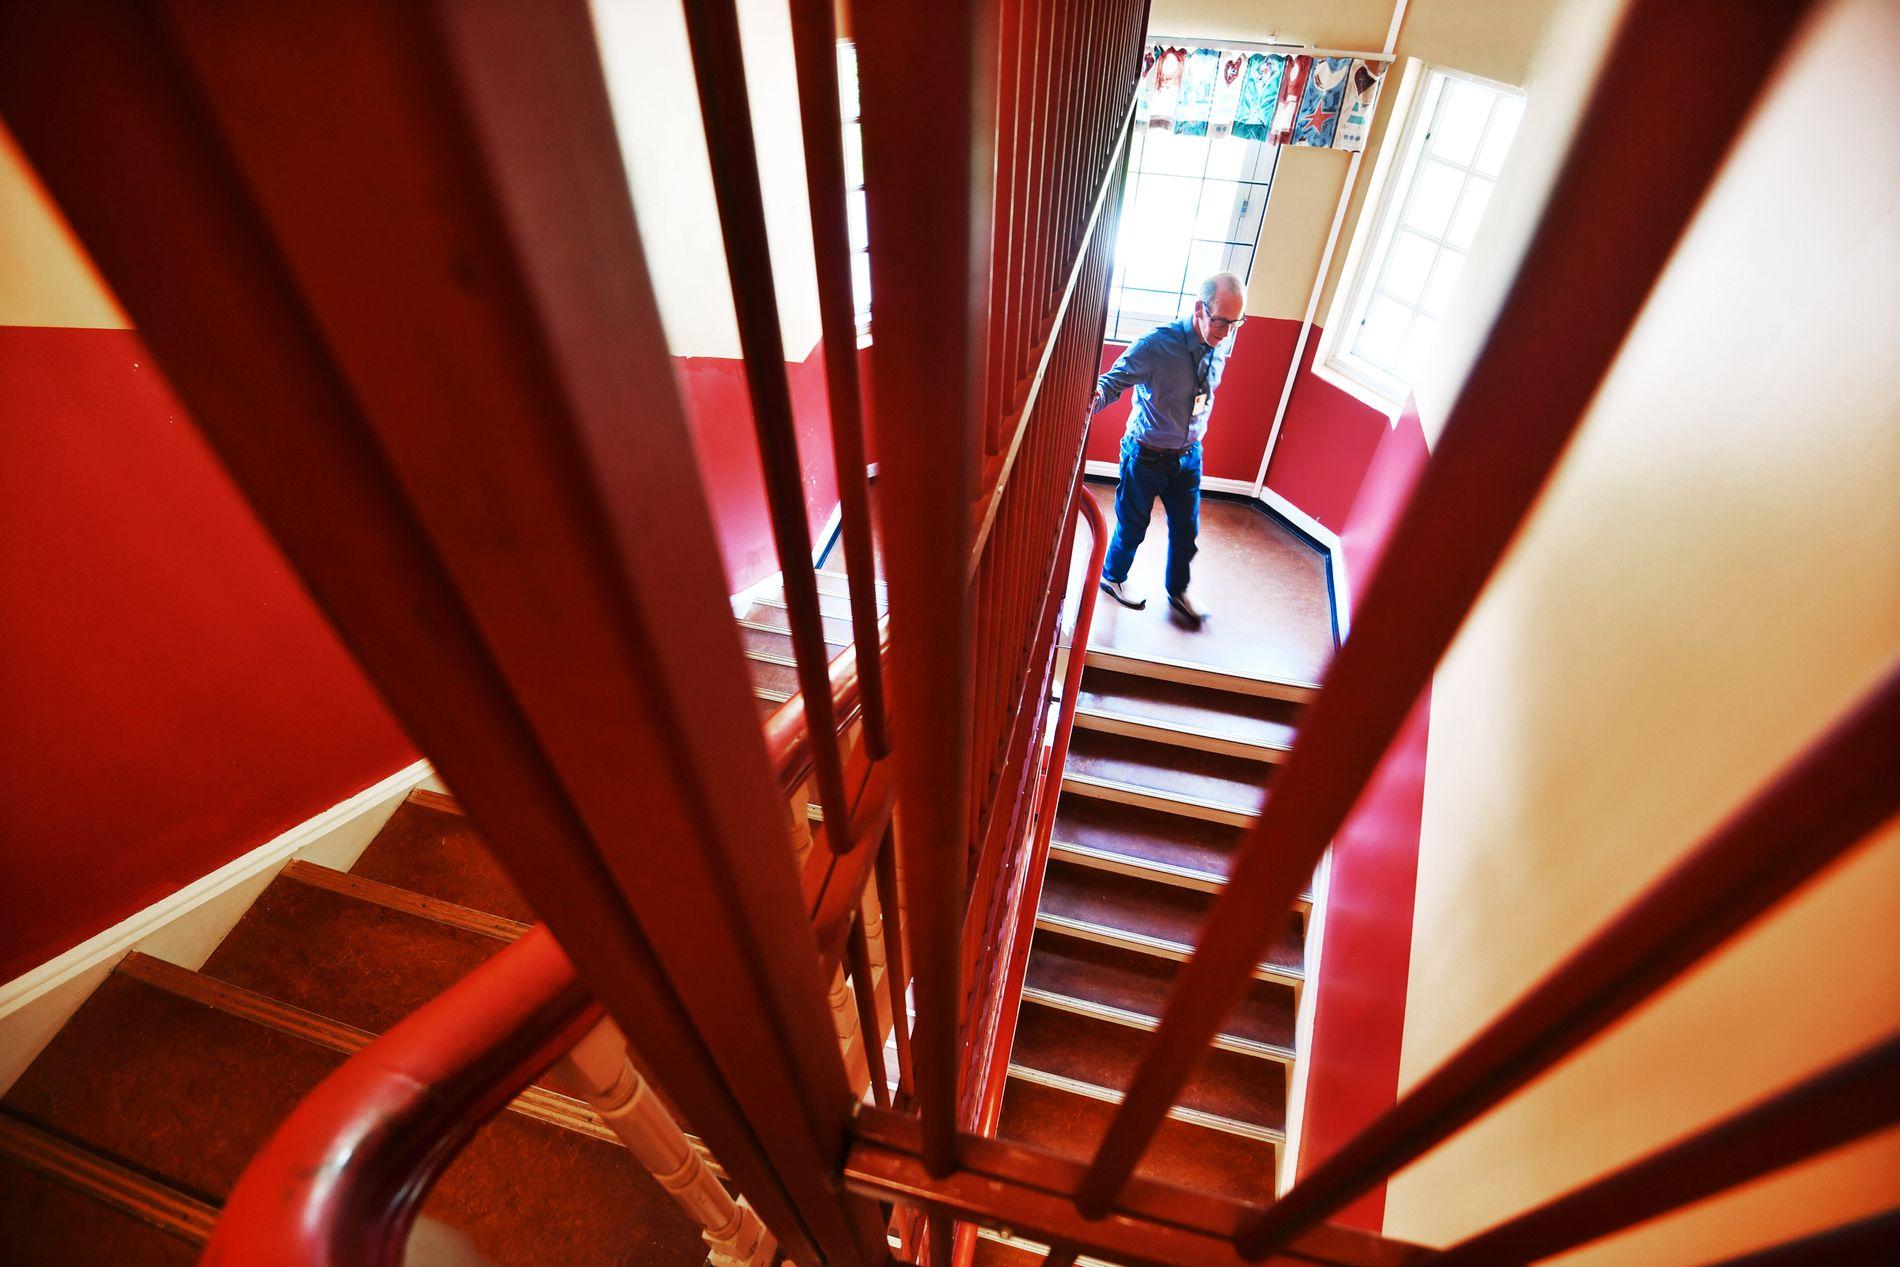 FARLIG:  Å frakte syke og voldelige pasienter ned trappene er sett på som så risikofylt at noen av pasientene ved RSA Dikemark ikke får komme ut i frisk luft.